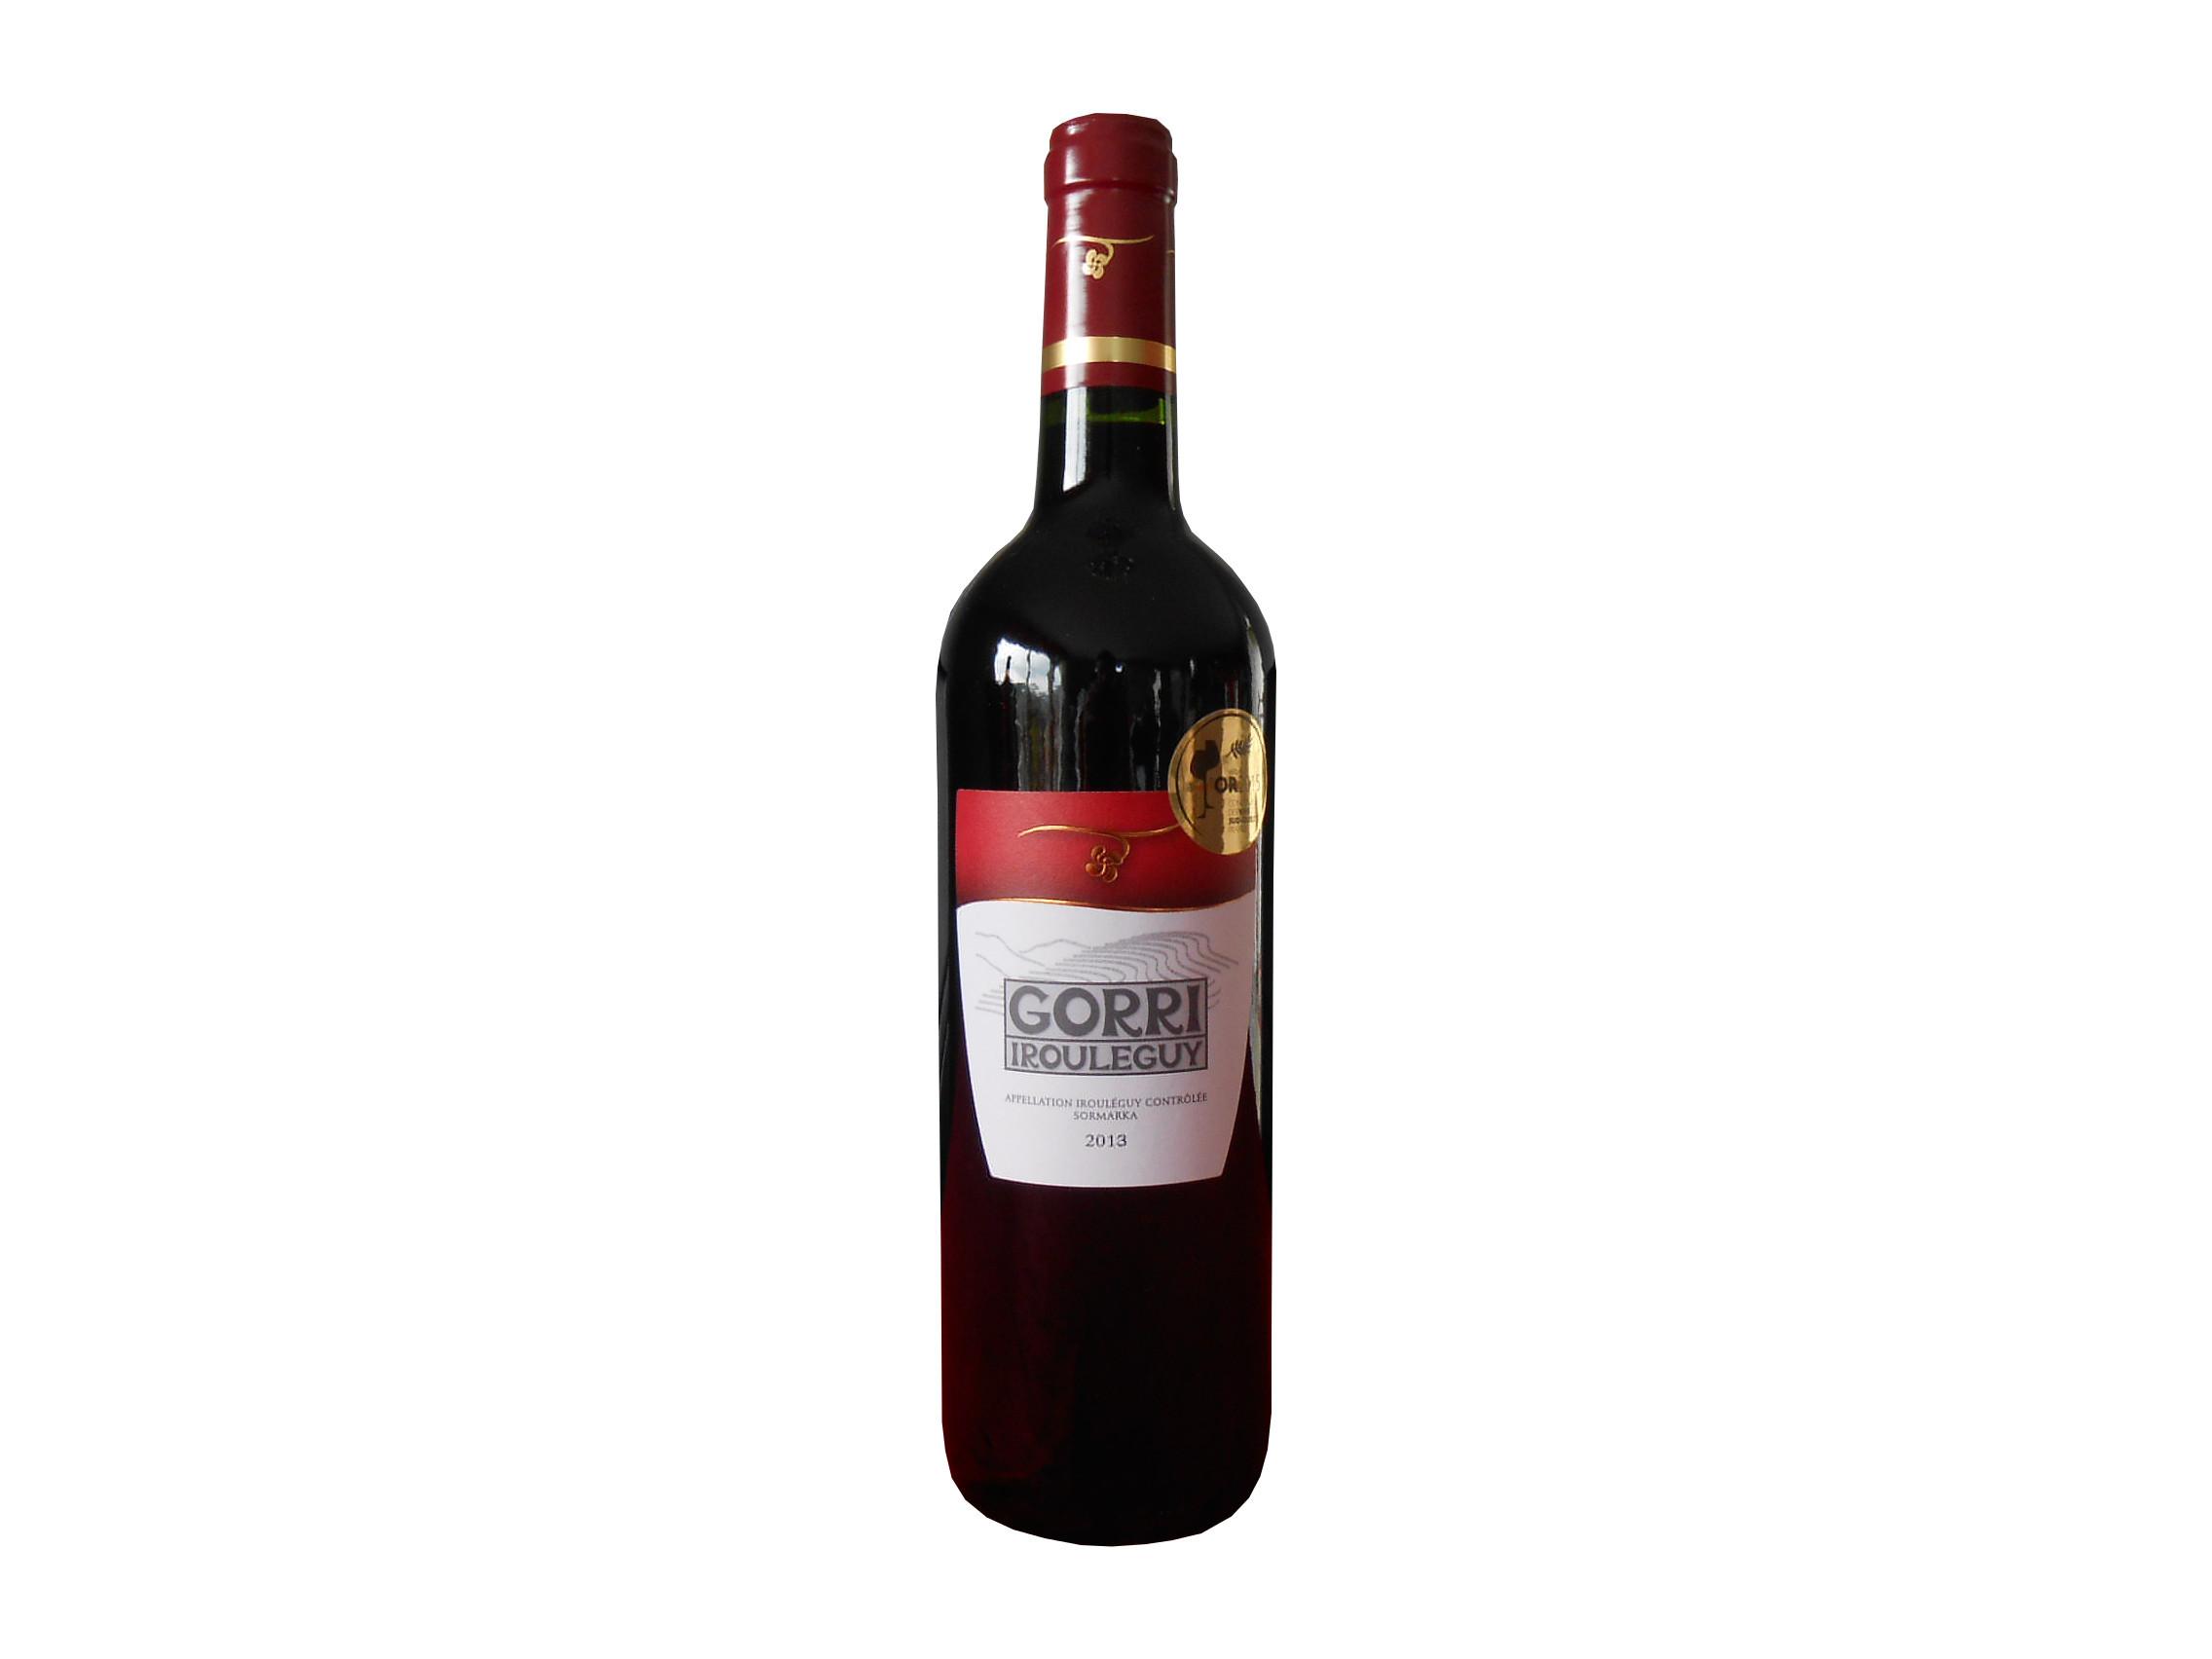 Vin rouge du pays basque, AOC Irouléguy